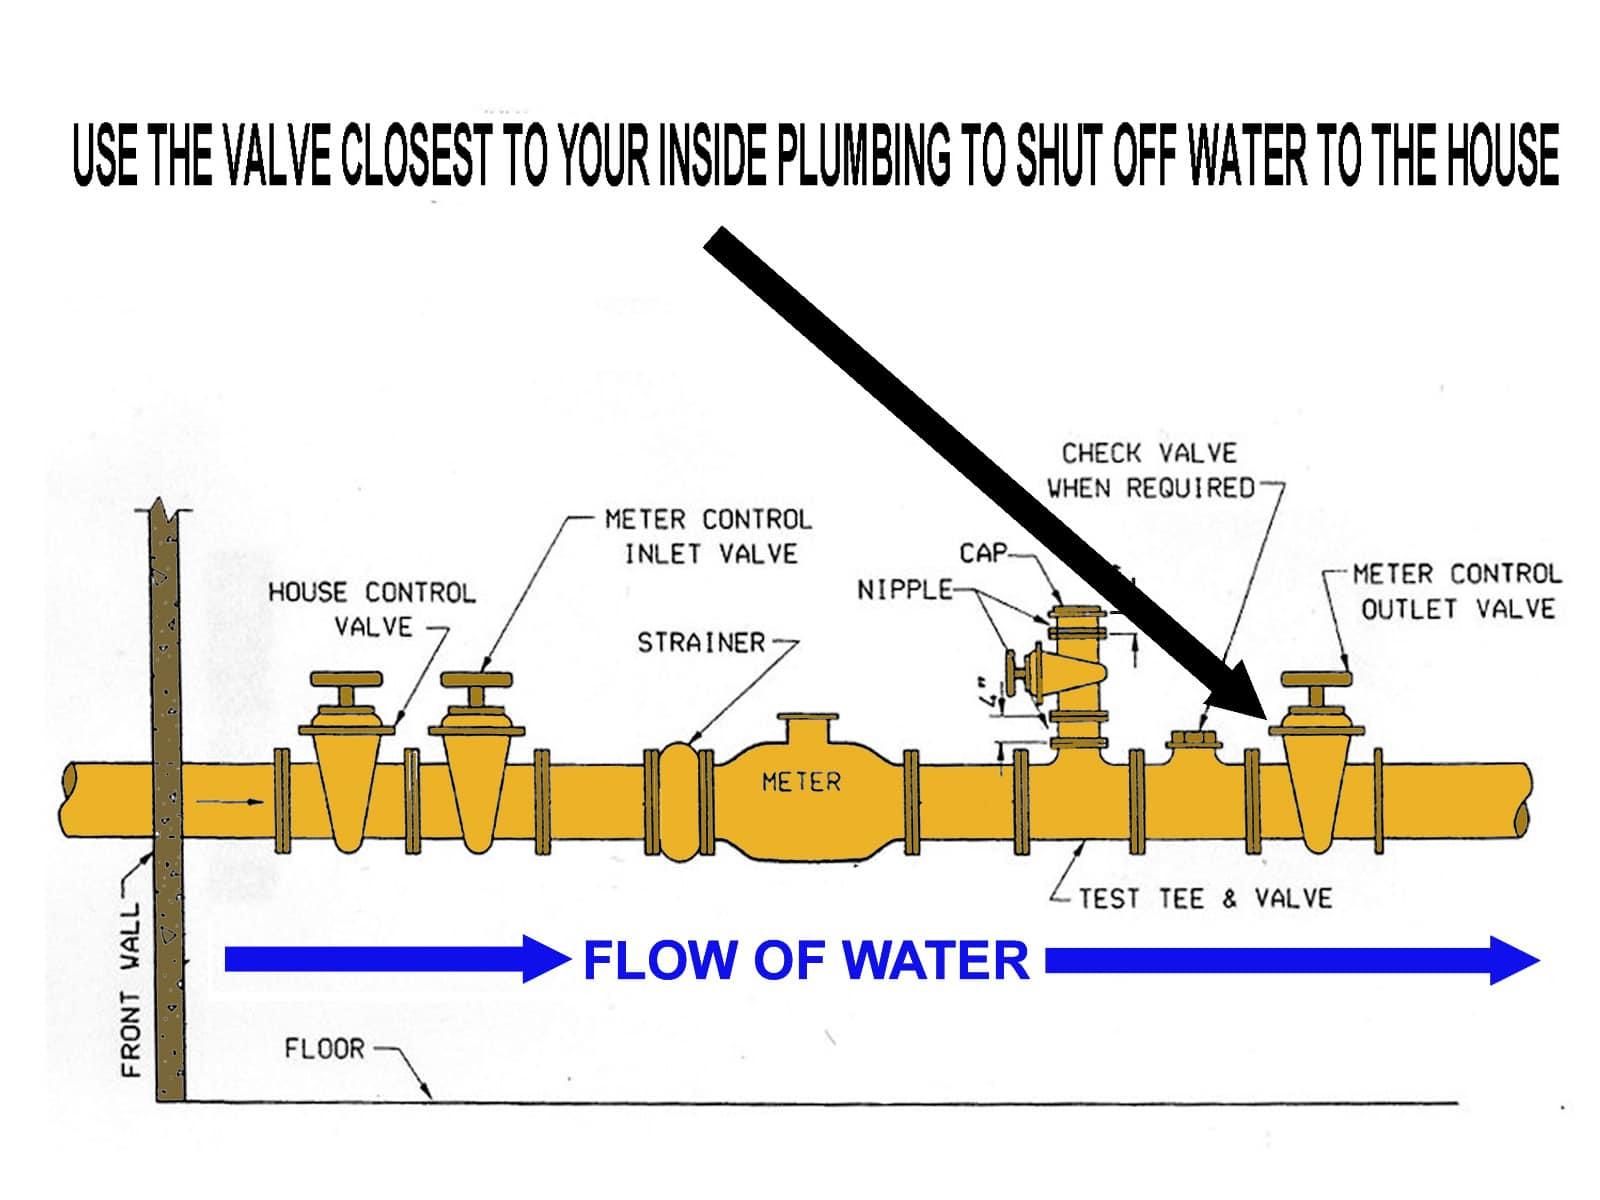 shut water to house